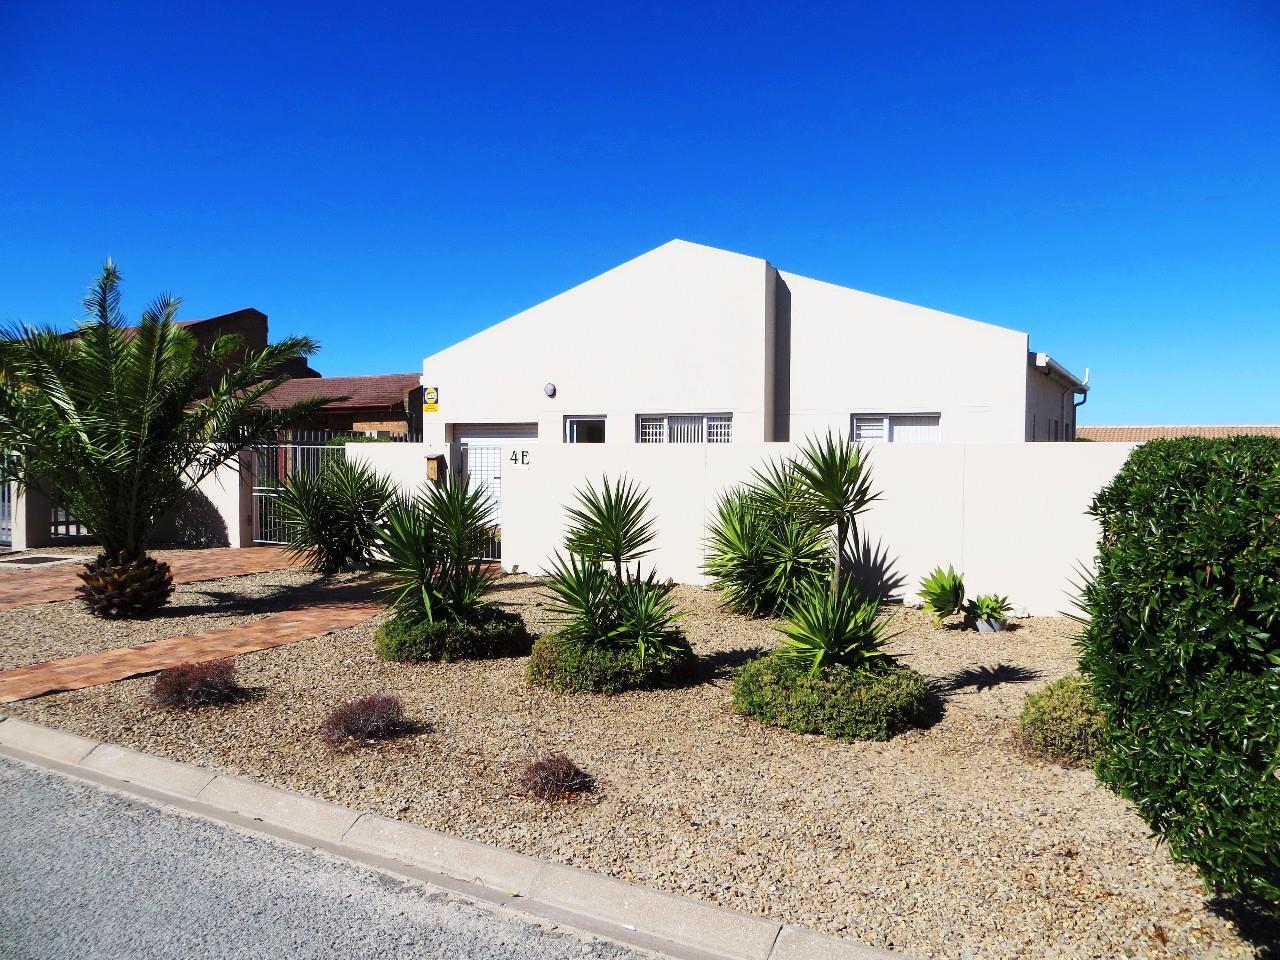 Velddrif, Laaiplek Property  | Houses For Sale Laaiplek, Laaiplek, House 3 bedrooms property for sale Price:1,200,000